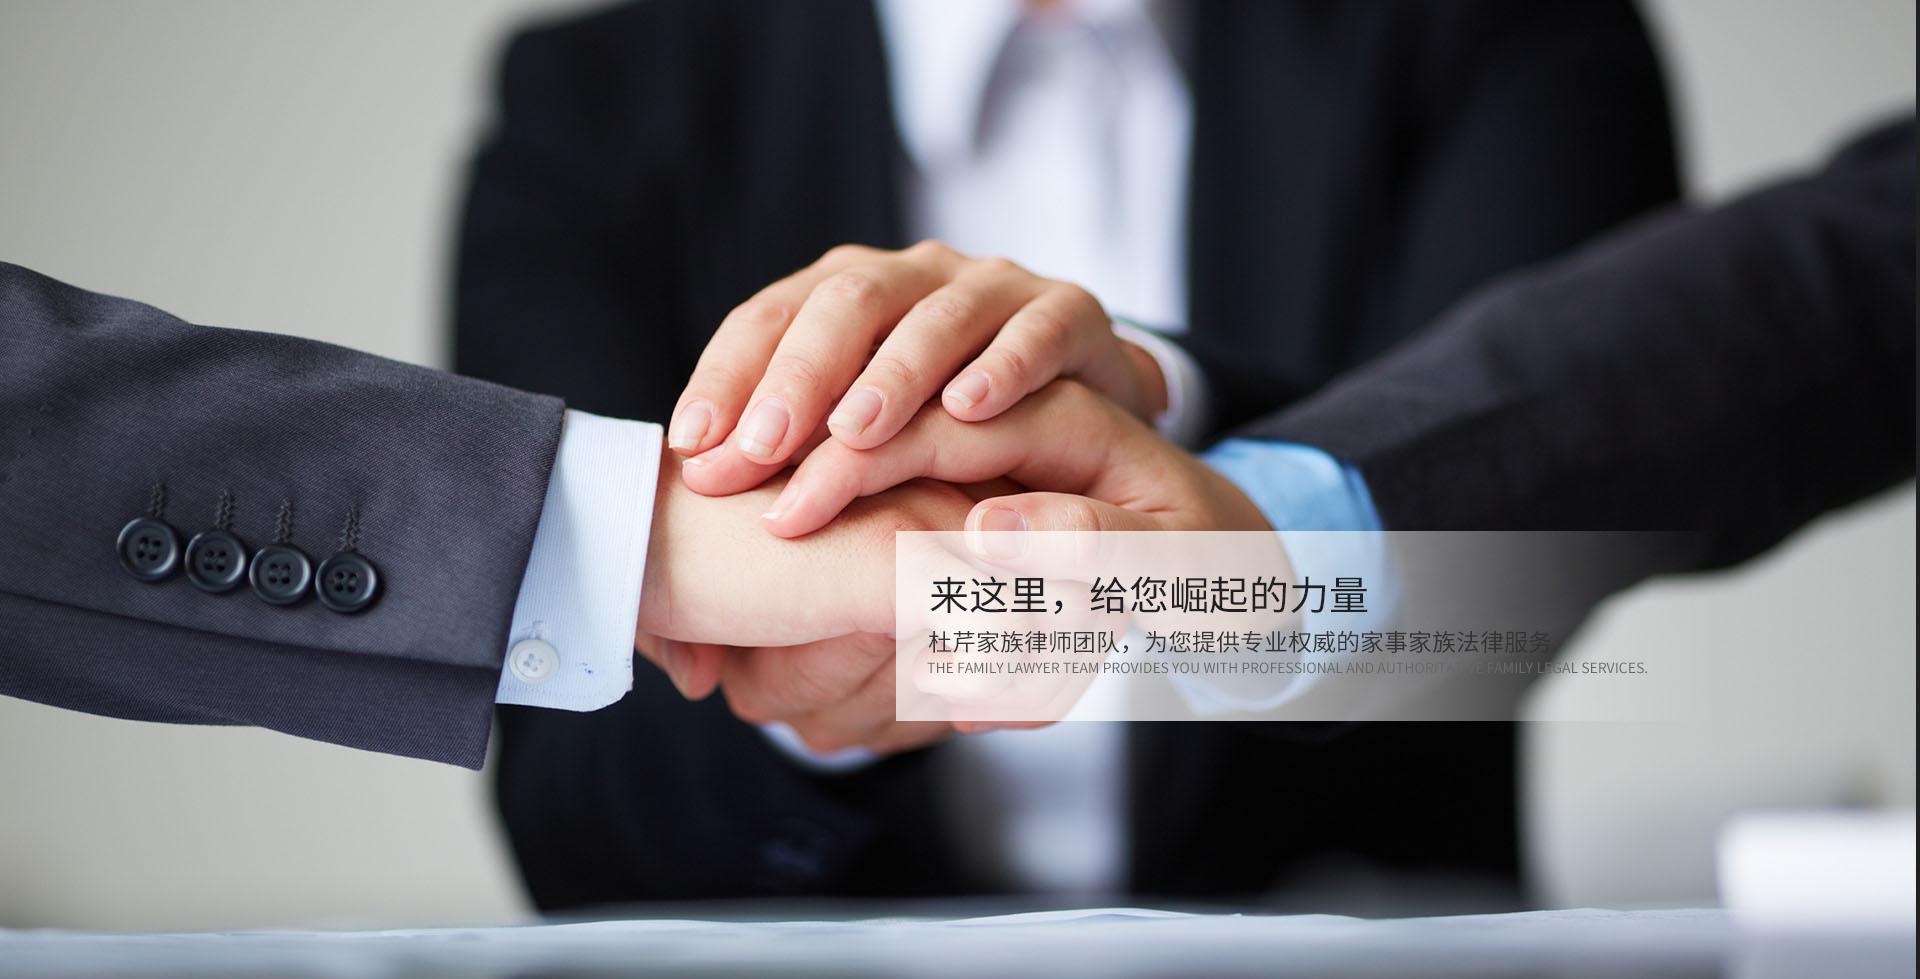 深圳专业家事律师团队